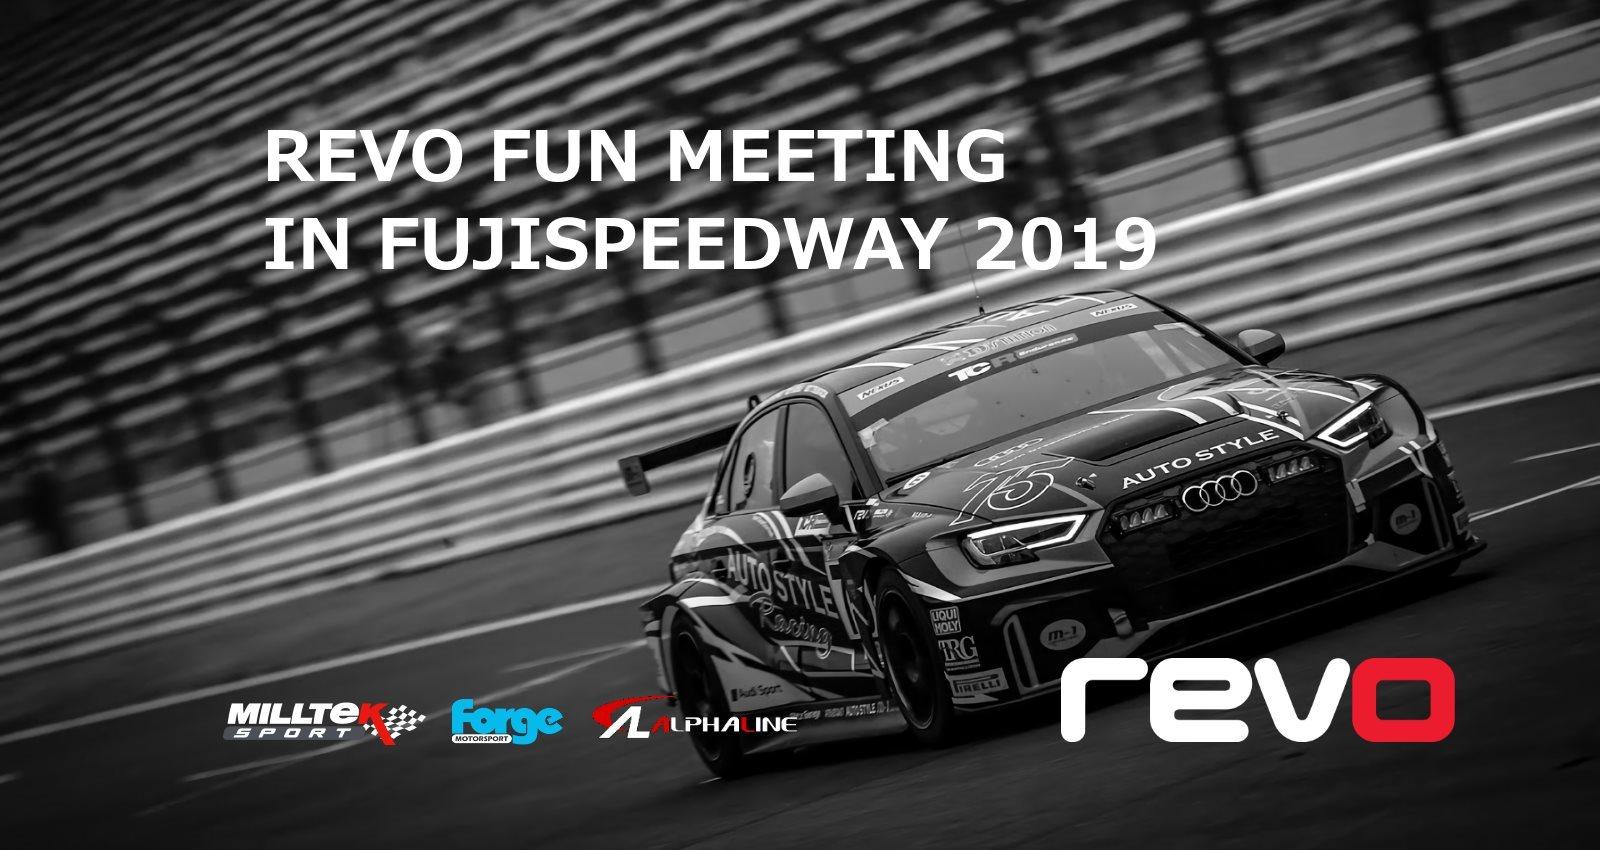 REVO FUN MEETING IN FUJISPEEDWAY 2019